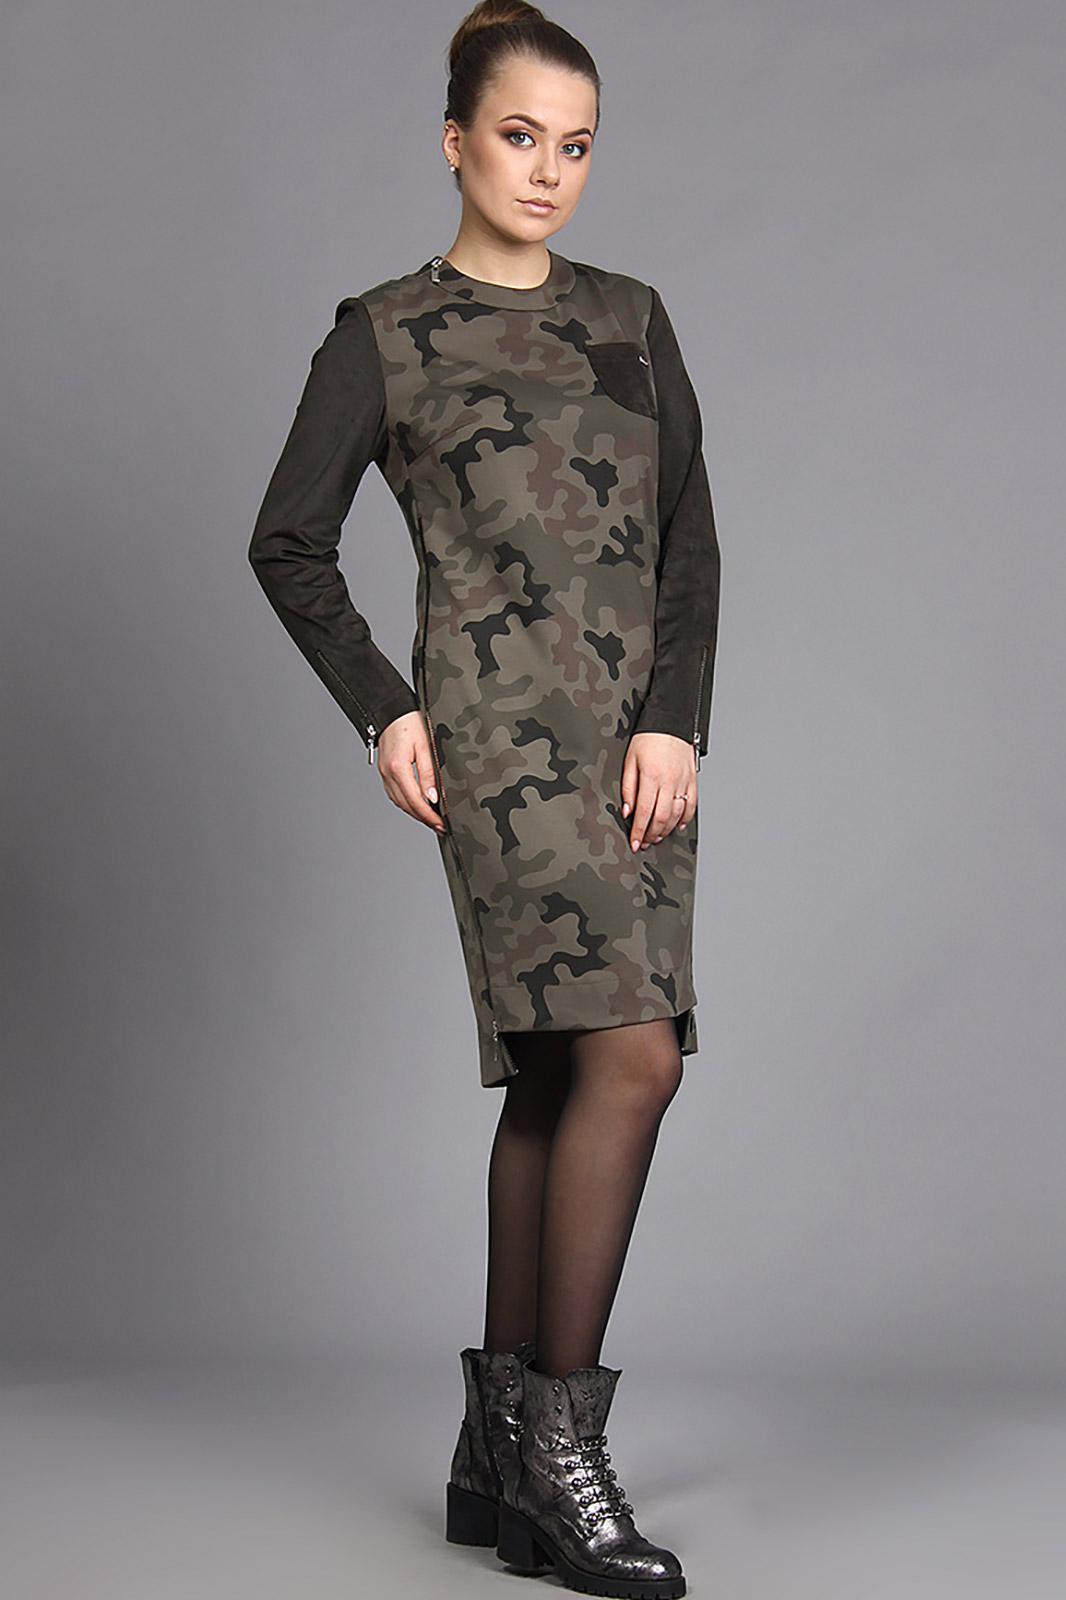 Платье Fantazia Mod, 2999 хаки, Беларусь  - купить со скидкой